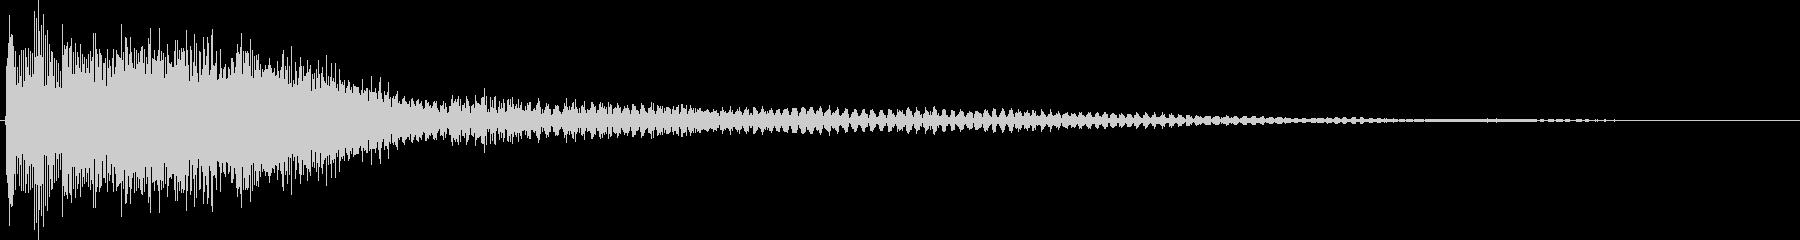 決定・空気感・キャッチー・印象的3の未再生の波形